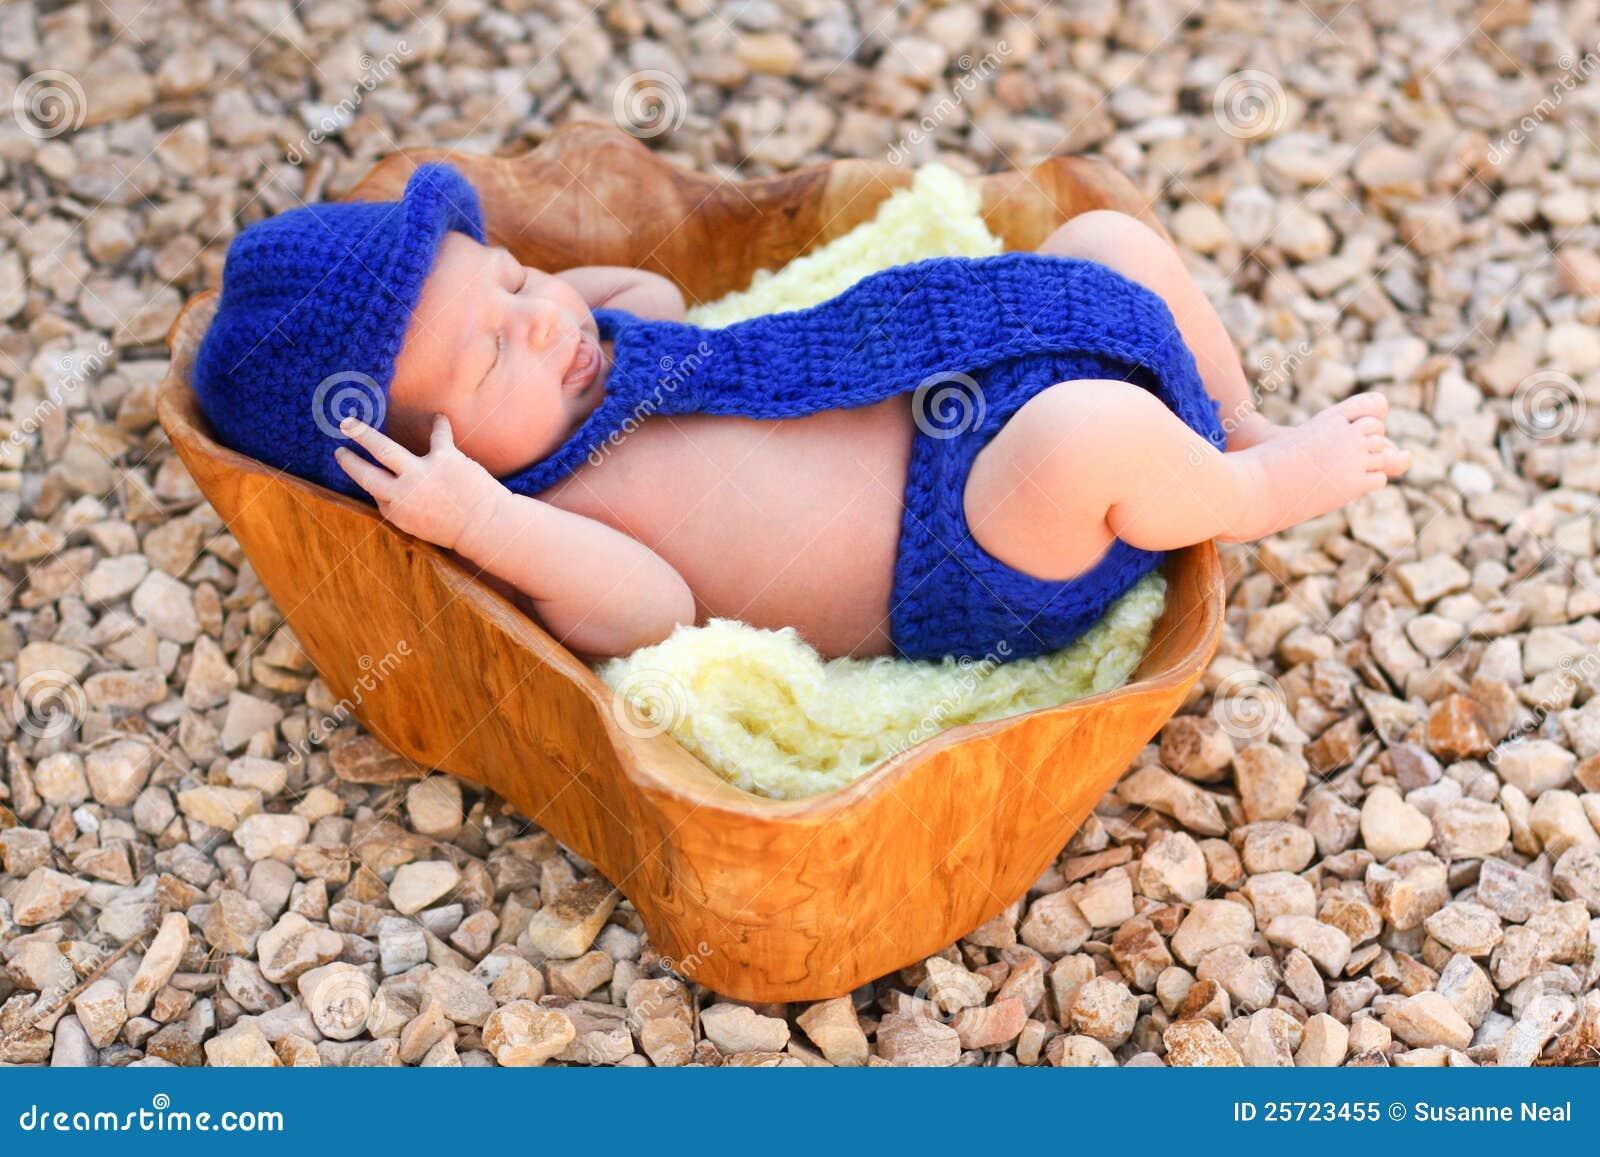 穿蓝衣的男孩盖子尿布浅顶软呢帽新出生关系佩带